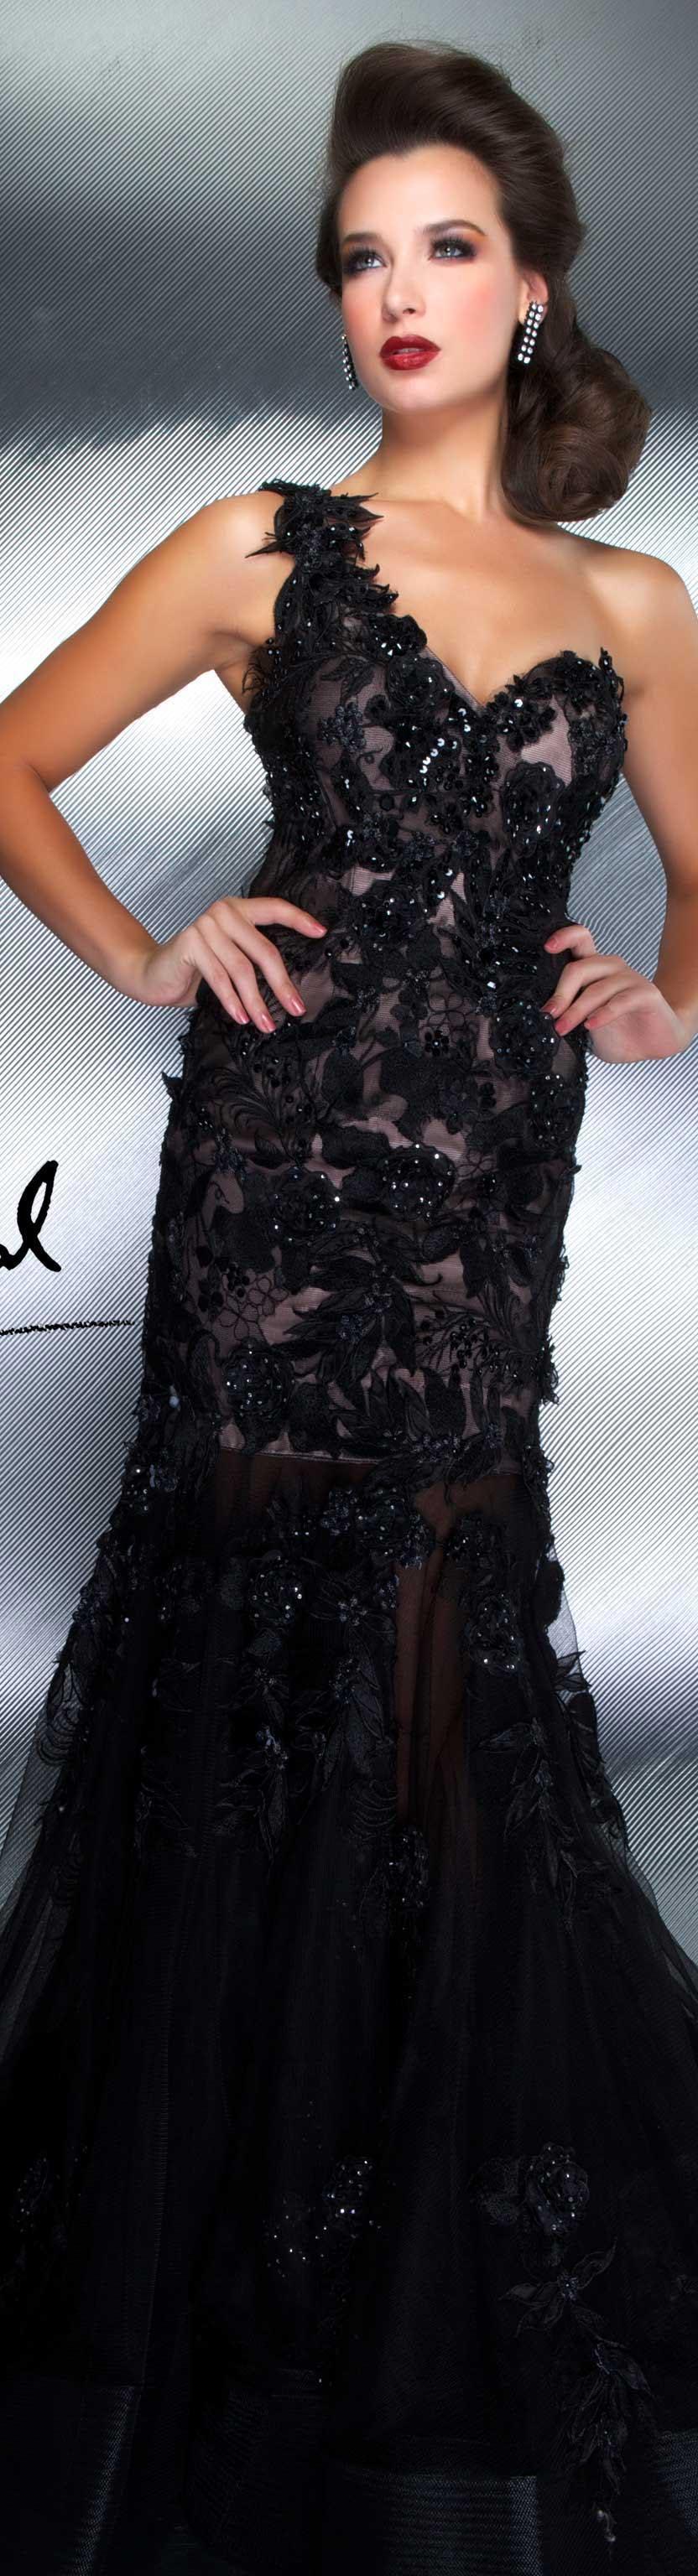 Vestido longo preto um ombro só coleção mac duggal couture dresses